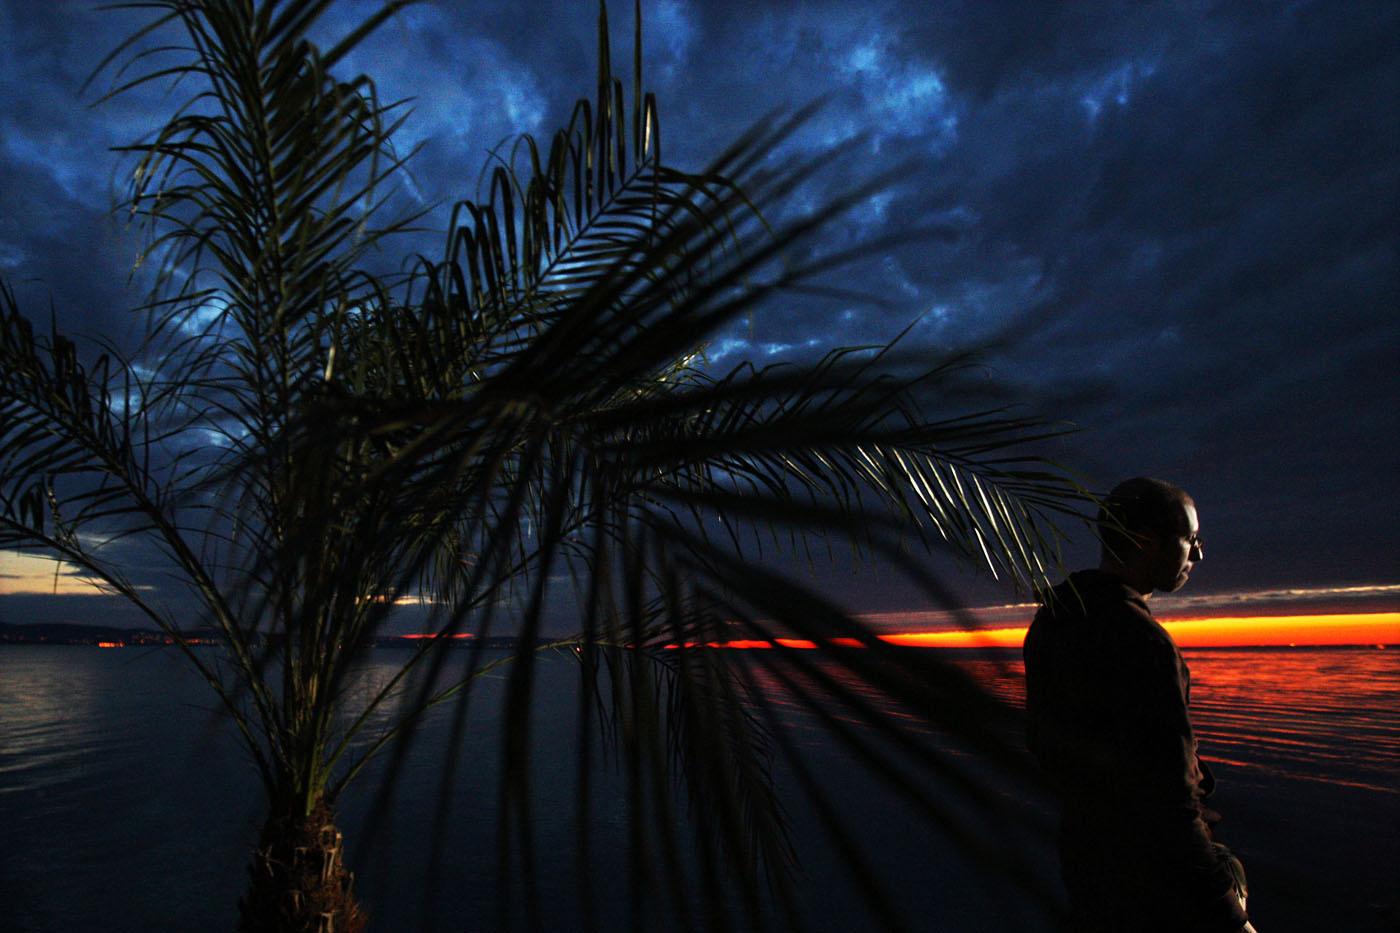 Stiller Ákos (hvg.hu): Balaton Sound alkonyattól pirkadatig